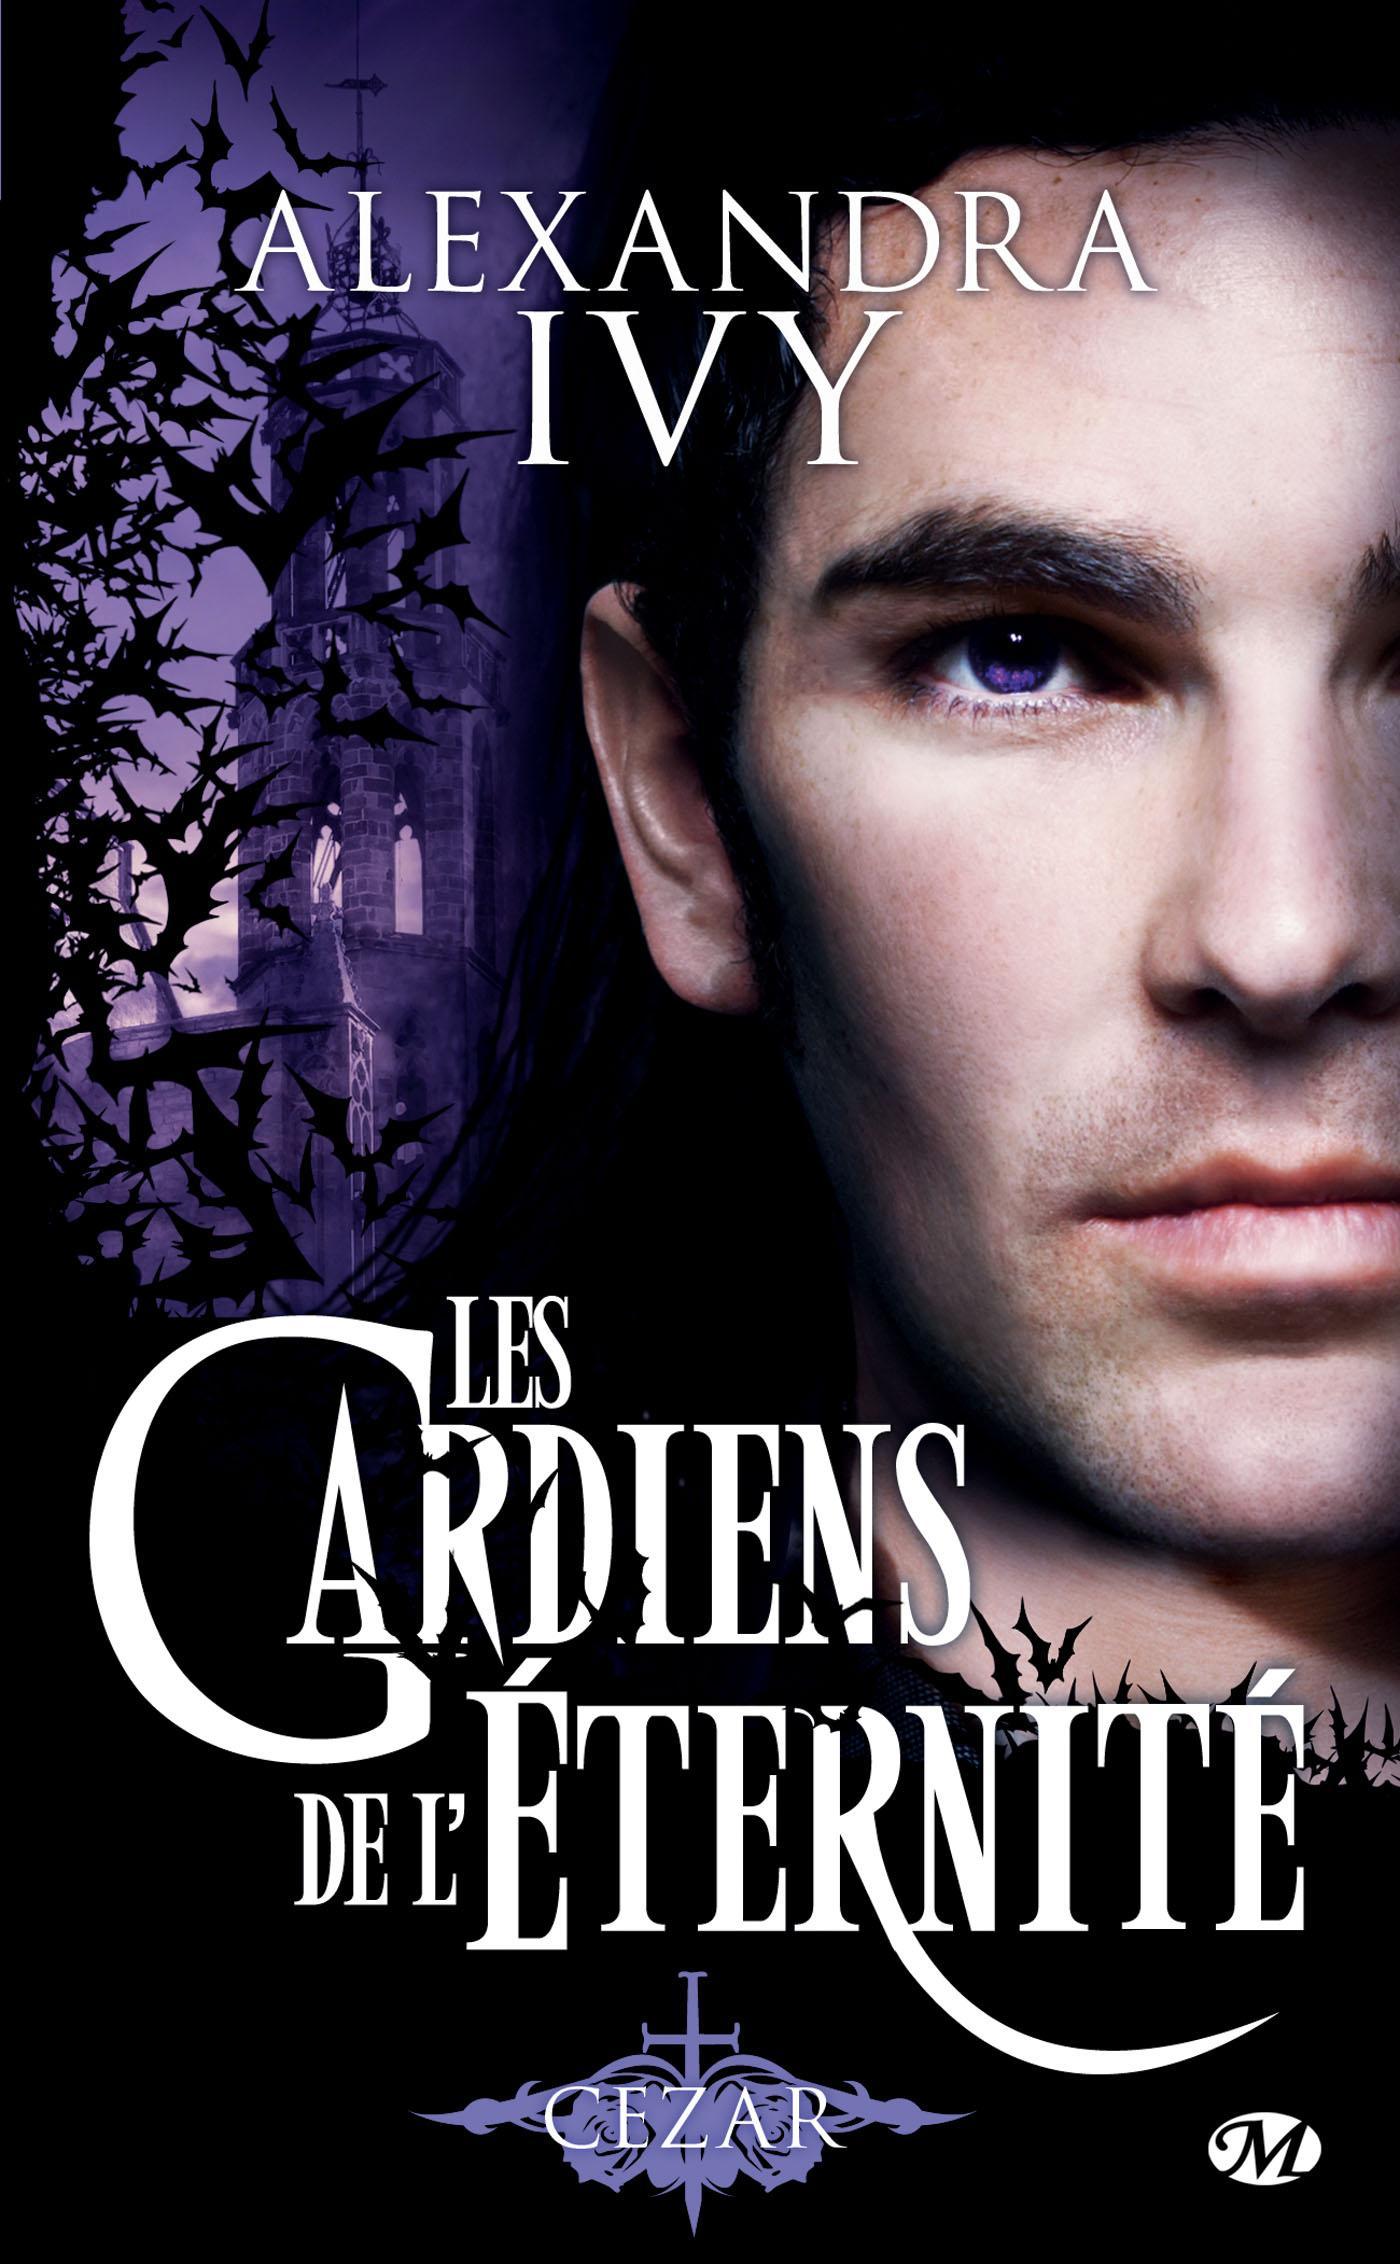 Cezar, LES GARDIENS DE L'ÉTERNITÉ, T4